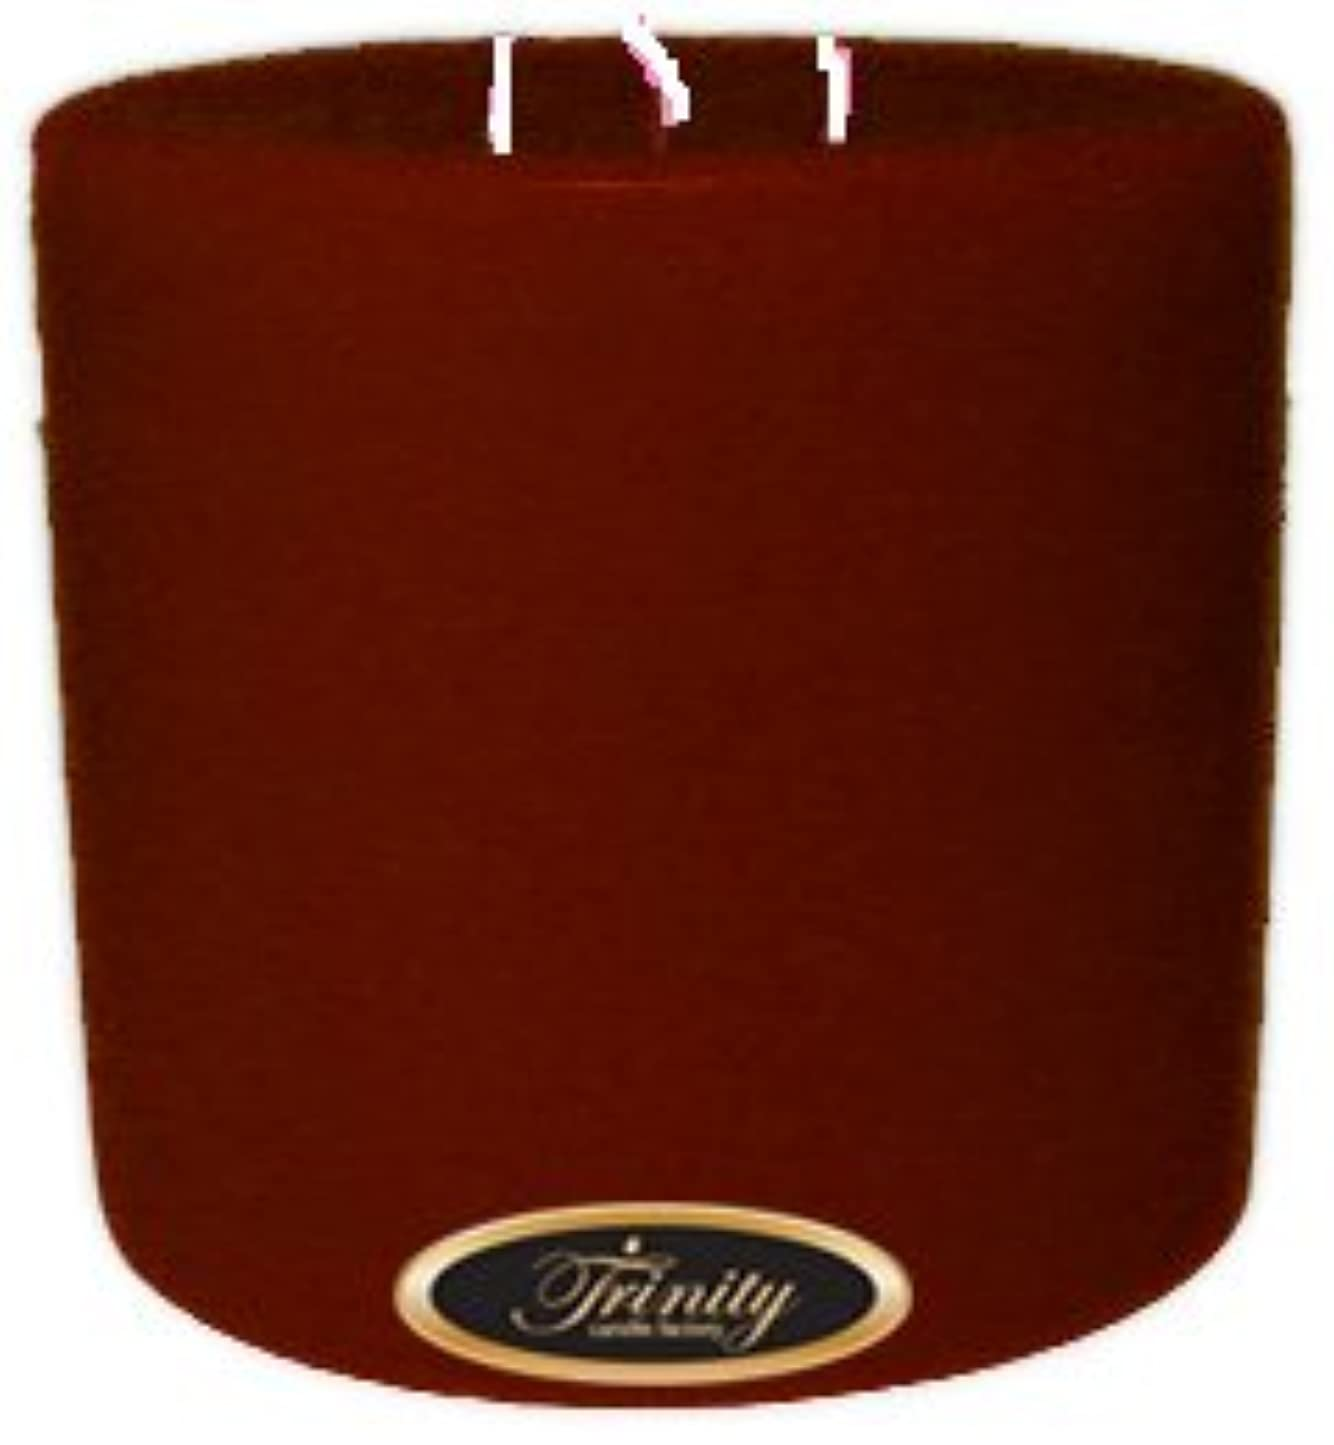 ガス抵抗亜熱帯Trinity Candle工場 – クローブスパイス – Pillar Candle – 6 x 6